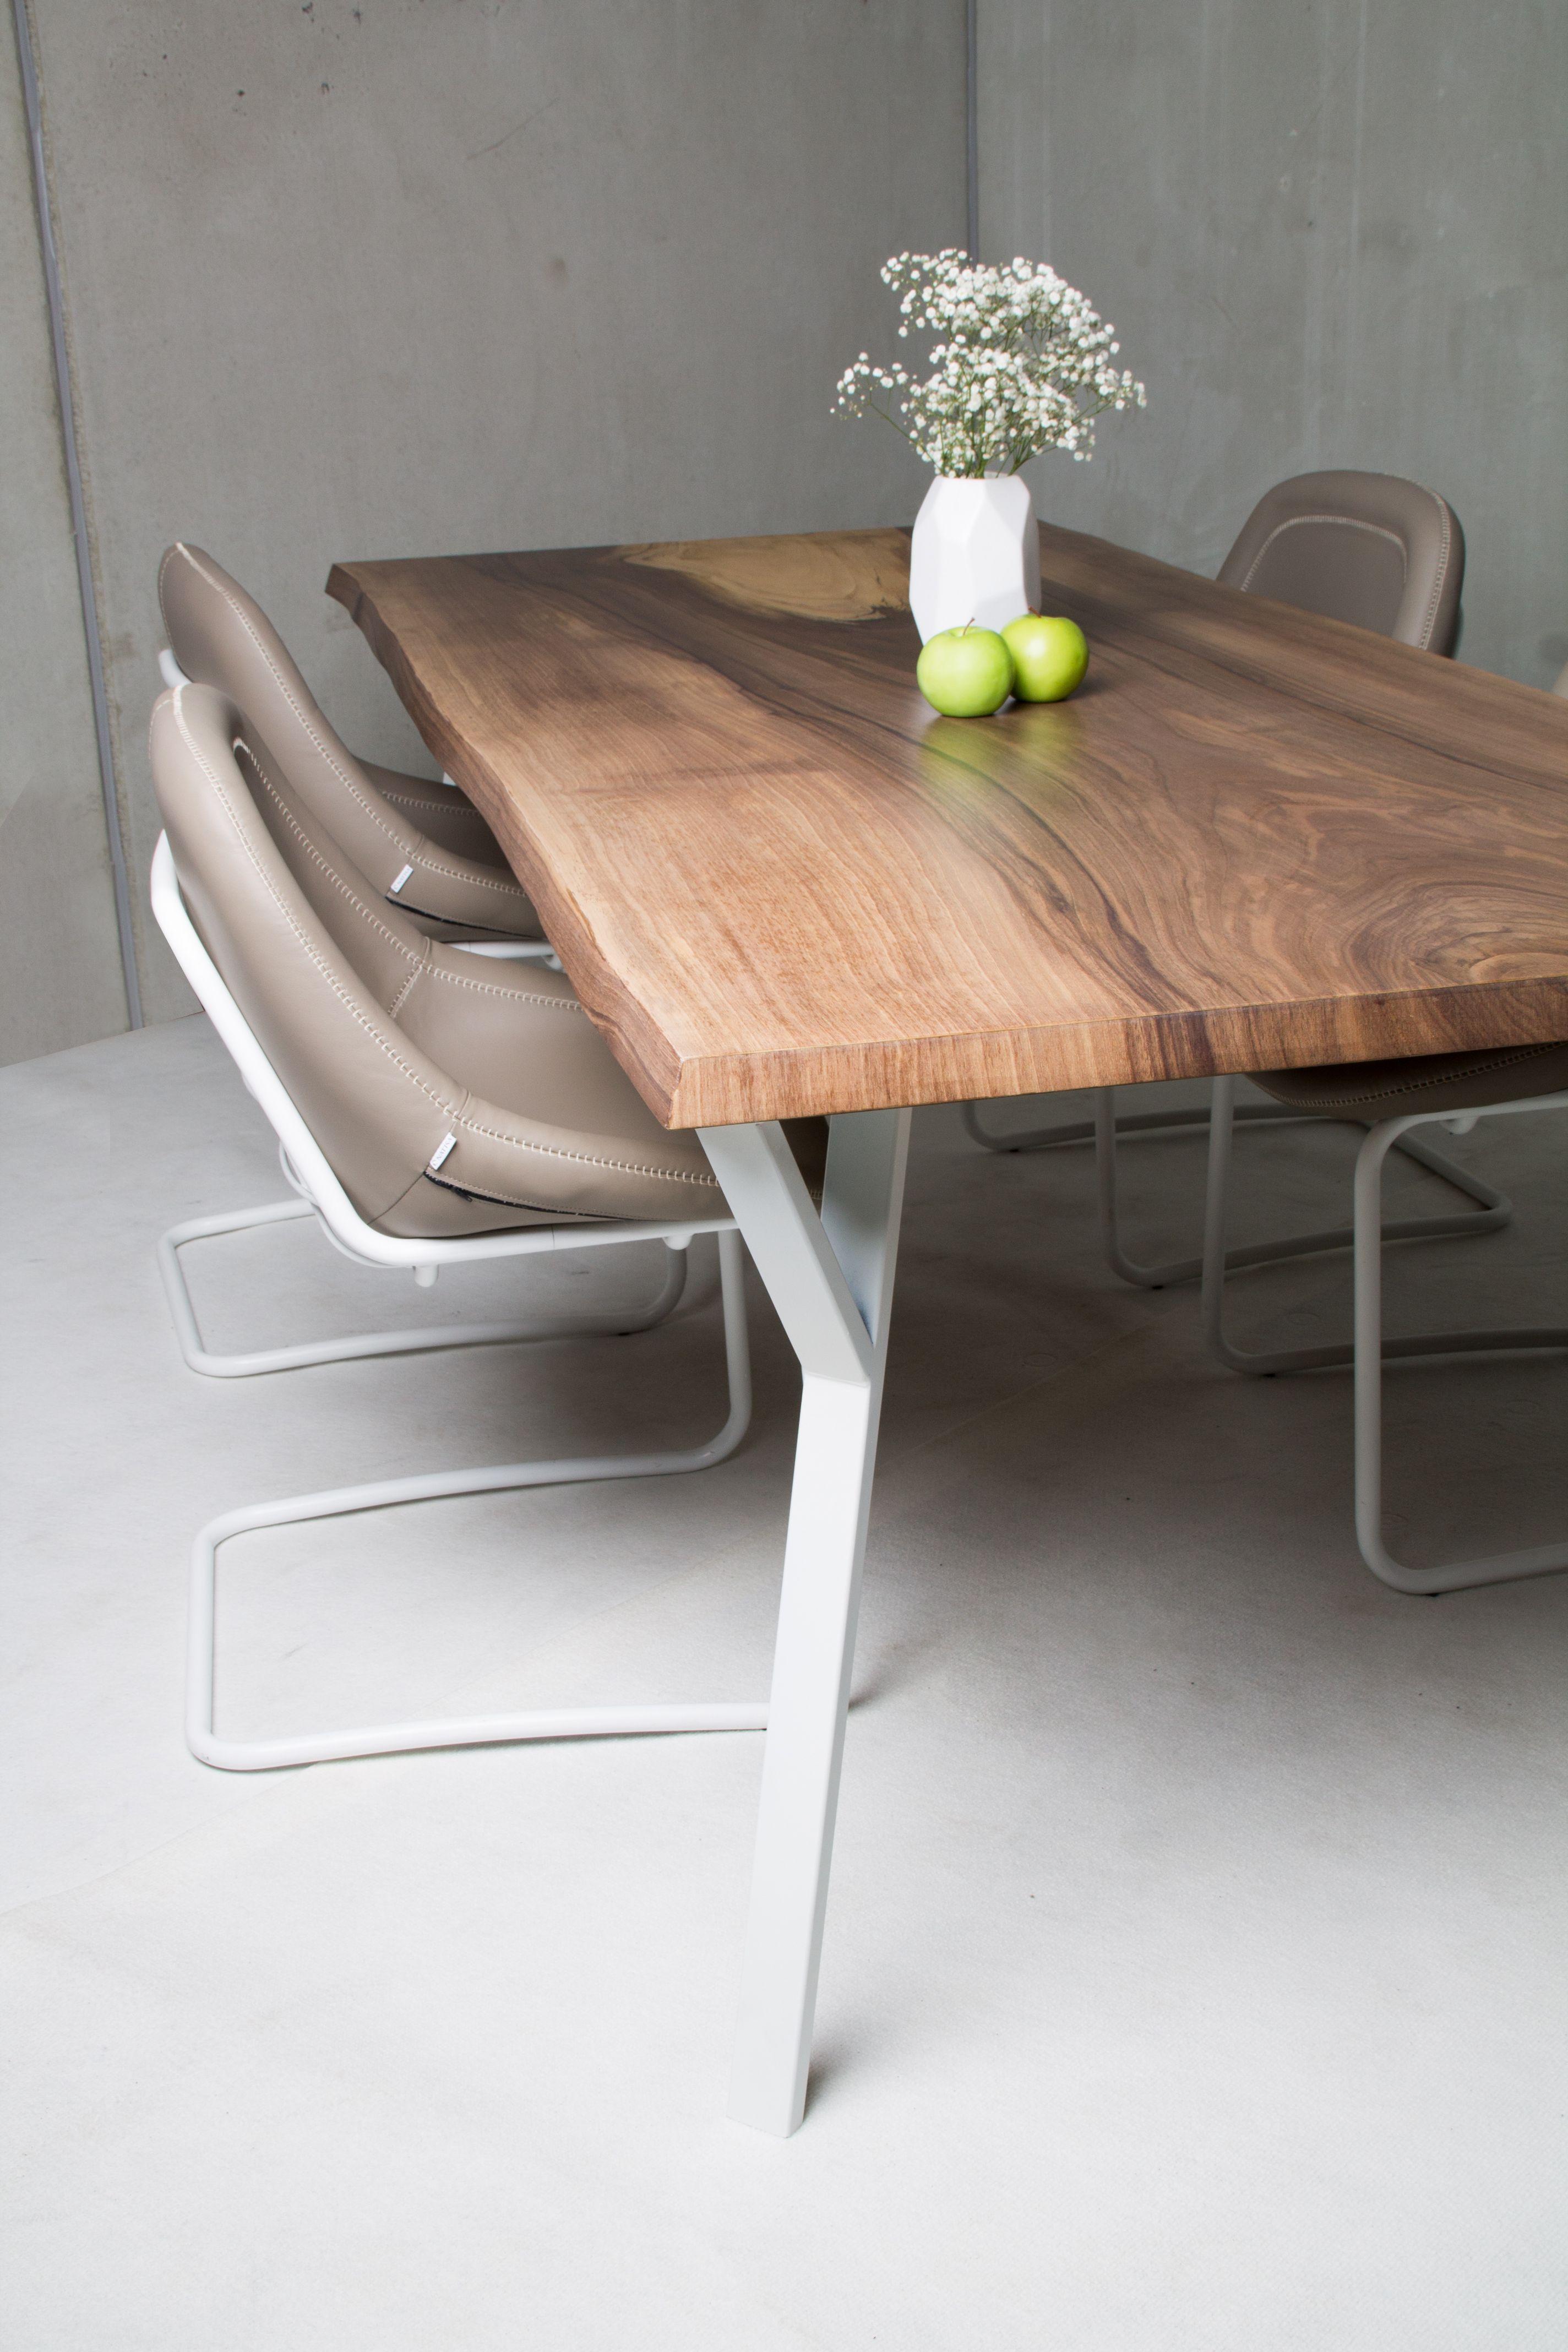 tischbeine y wei ana arredondo by design home pinterest design tisch tisch und tischbeine. Black Bedroom Furniture Sets. Home Design Ideas